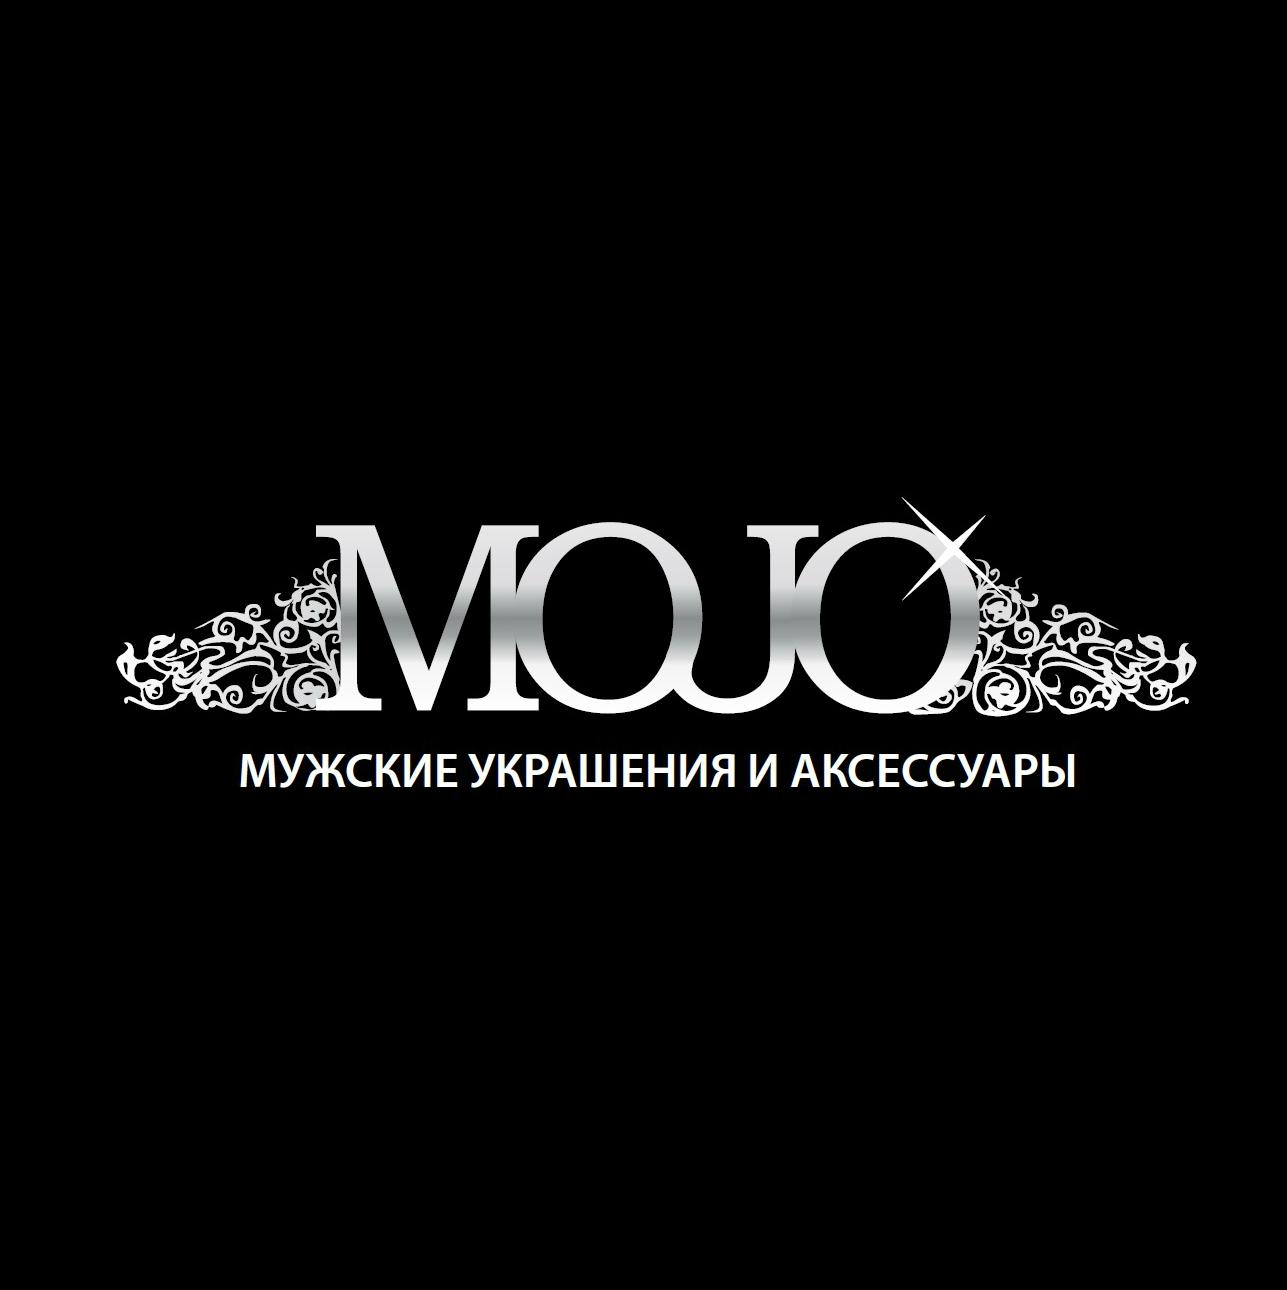 Партнерская программа интернет-магазина mojos.ru в сети Где Слон?